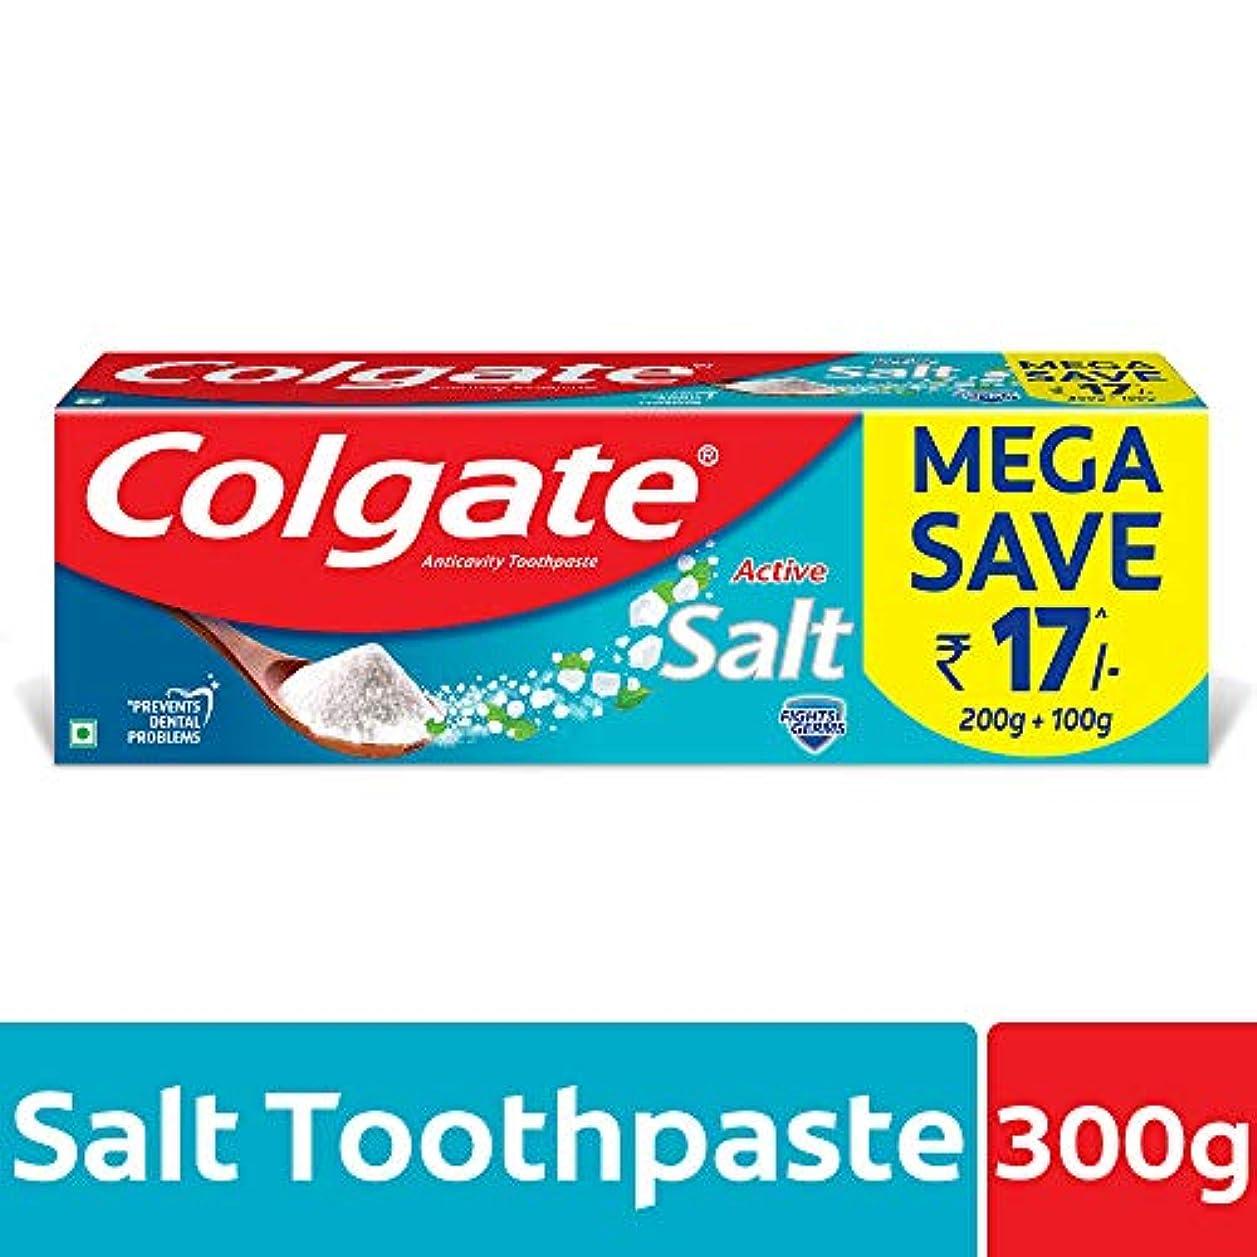 容疑者周辺モデレータColgate Active Salt Toothpaste, 300gm(200gm + 100gm)